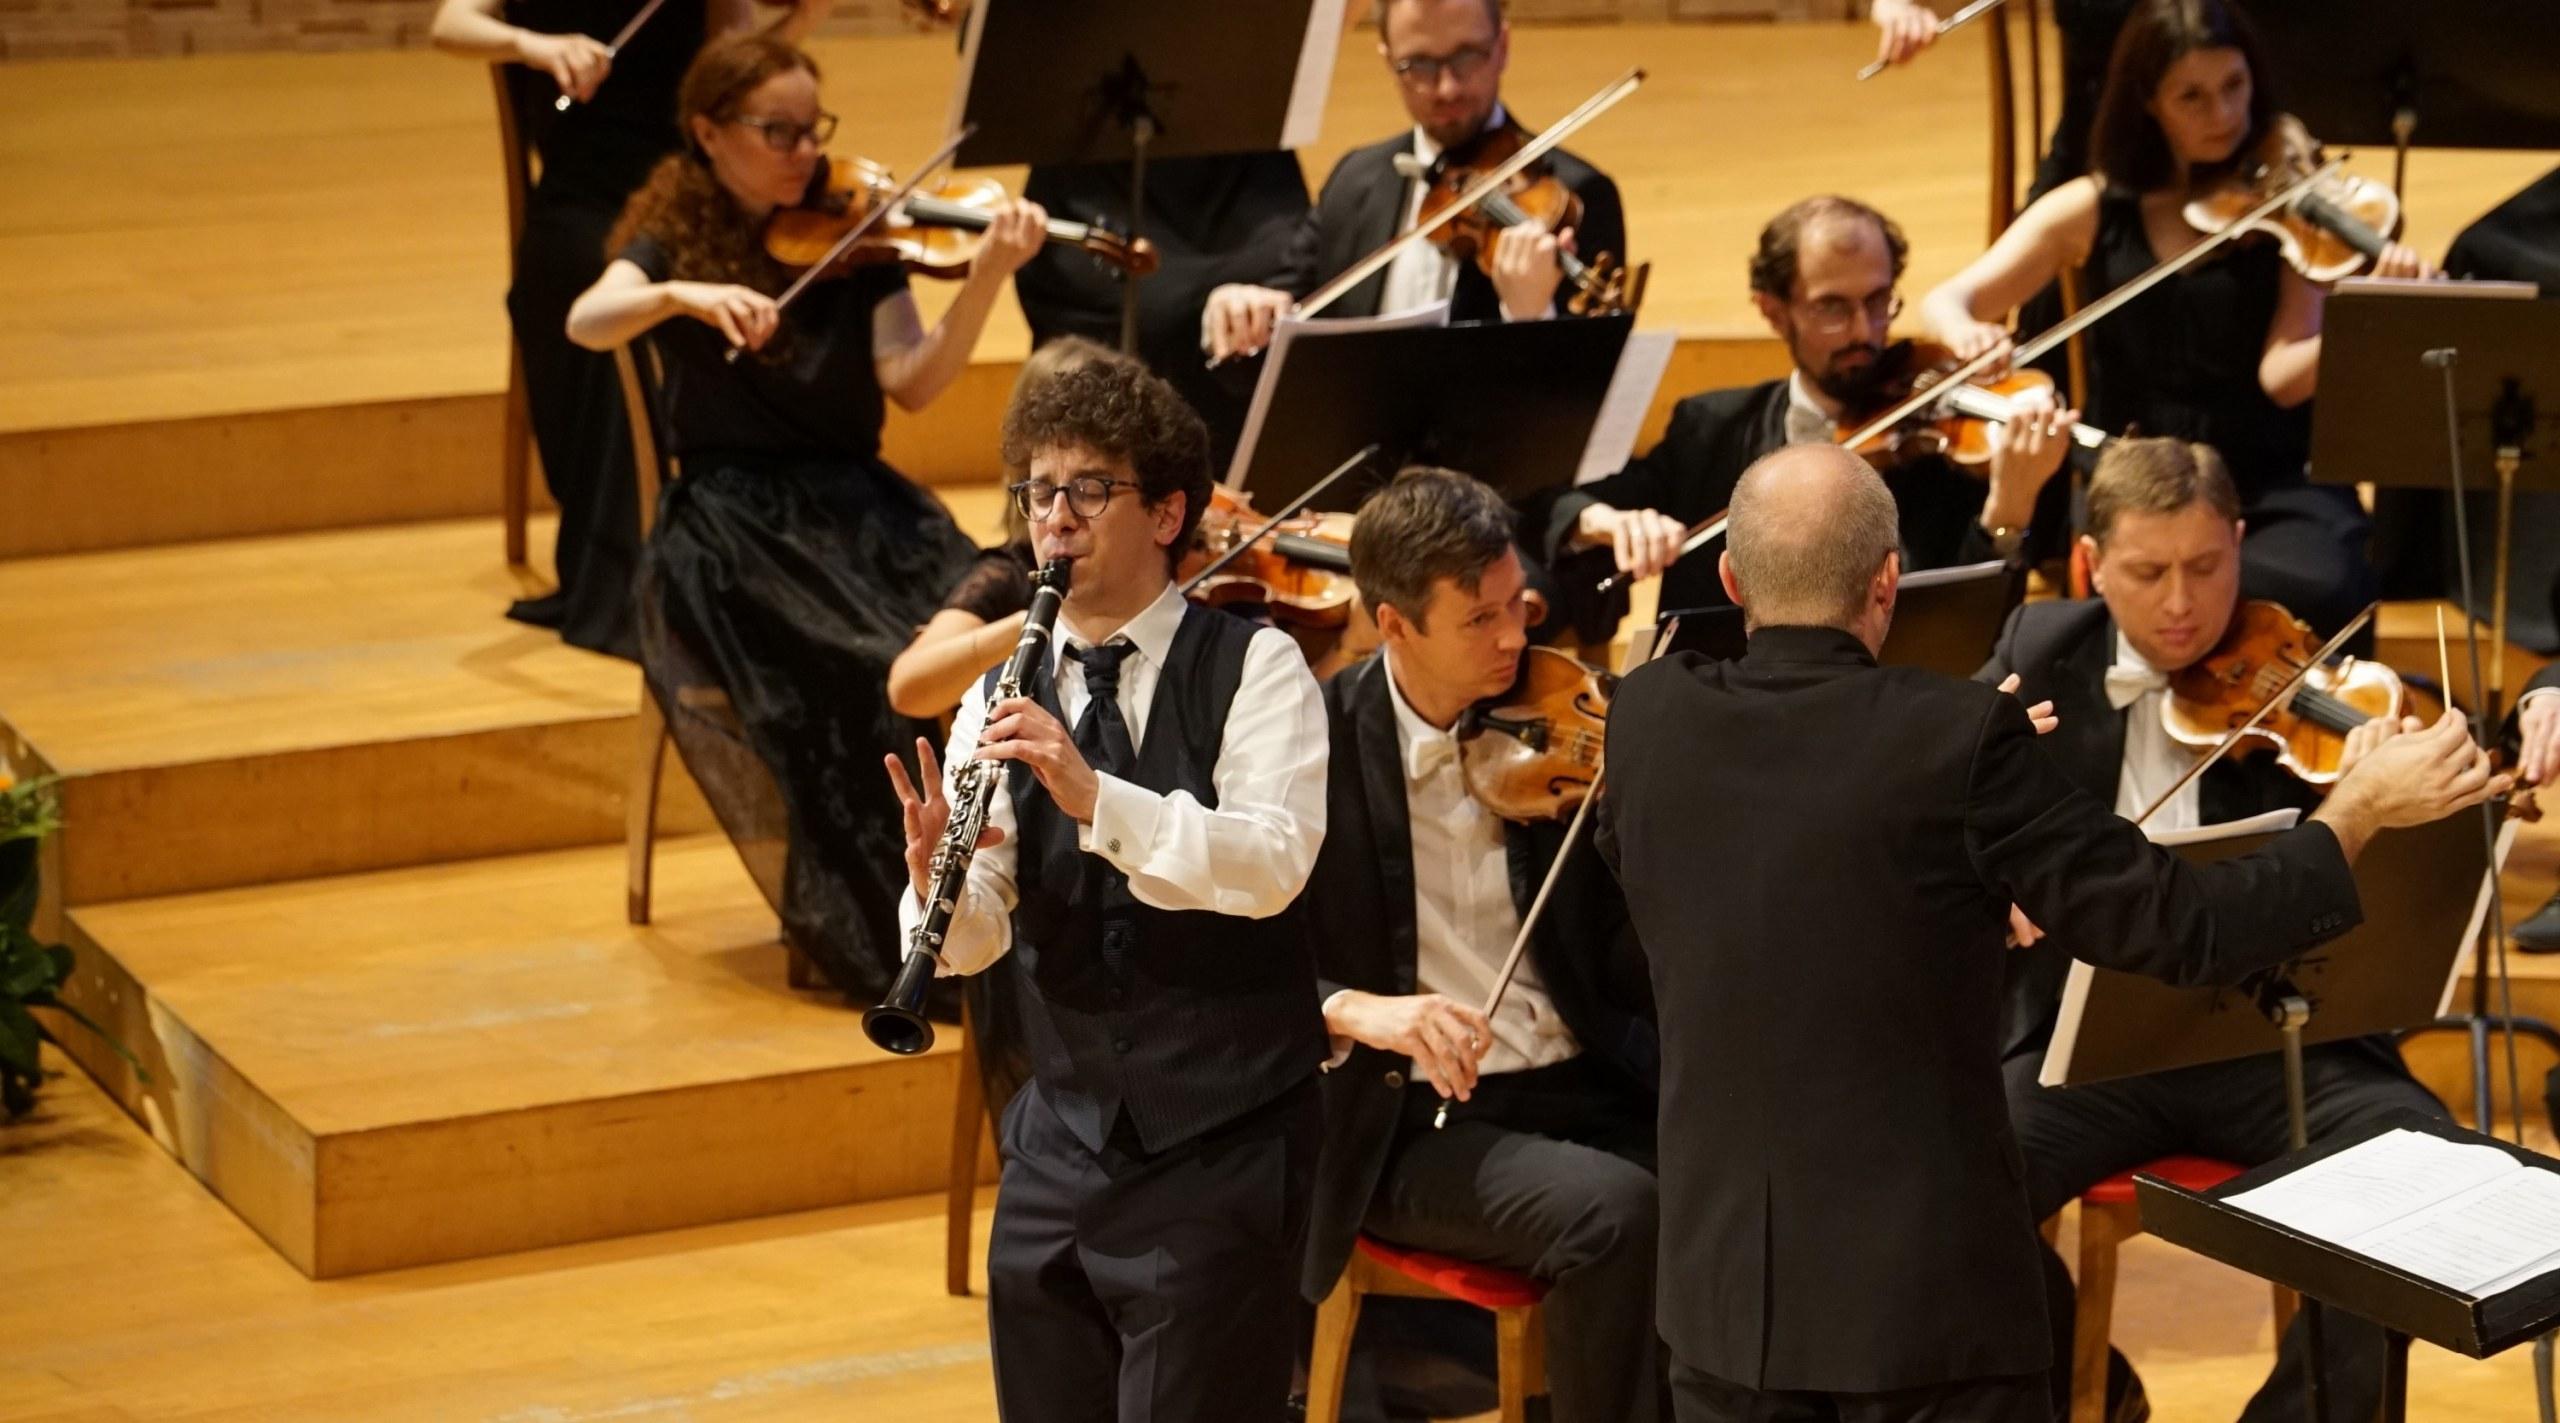 チャイコフスキー国際コンクールの本選で演奏するベヴェラリ氏